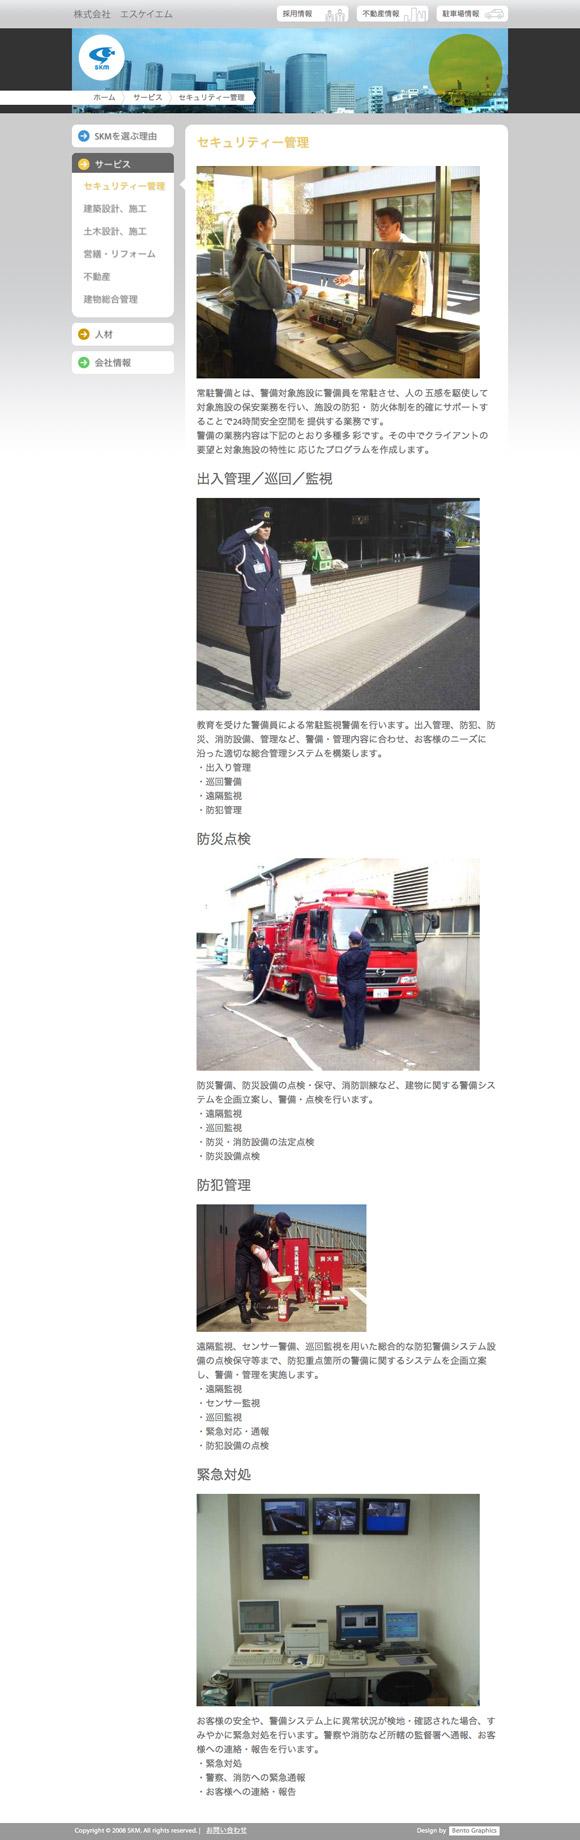 株式会社エスケイエム - SKM - Content Page 3